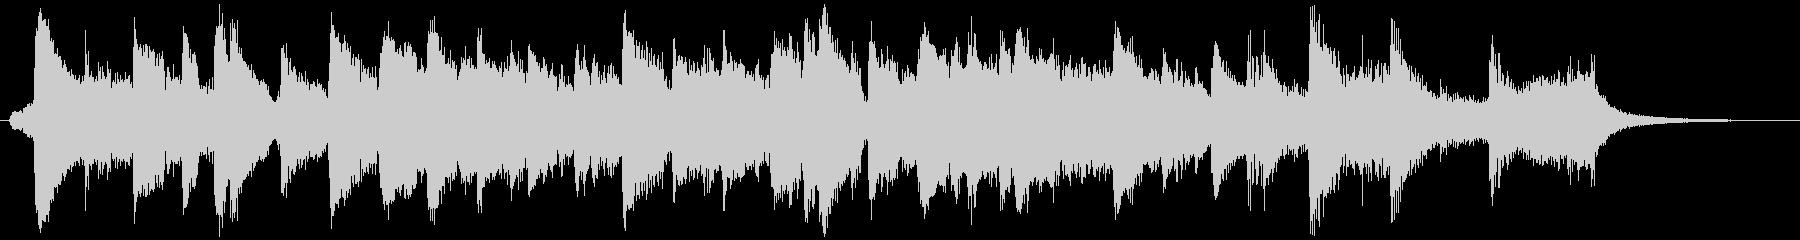 ビッグバンドジャズのスローなBGM1の未再生の波形